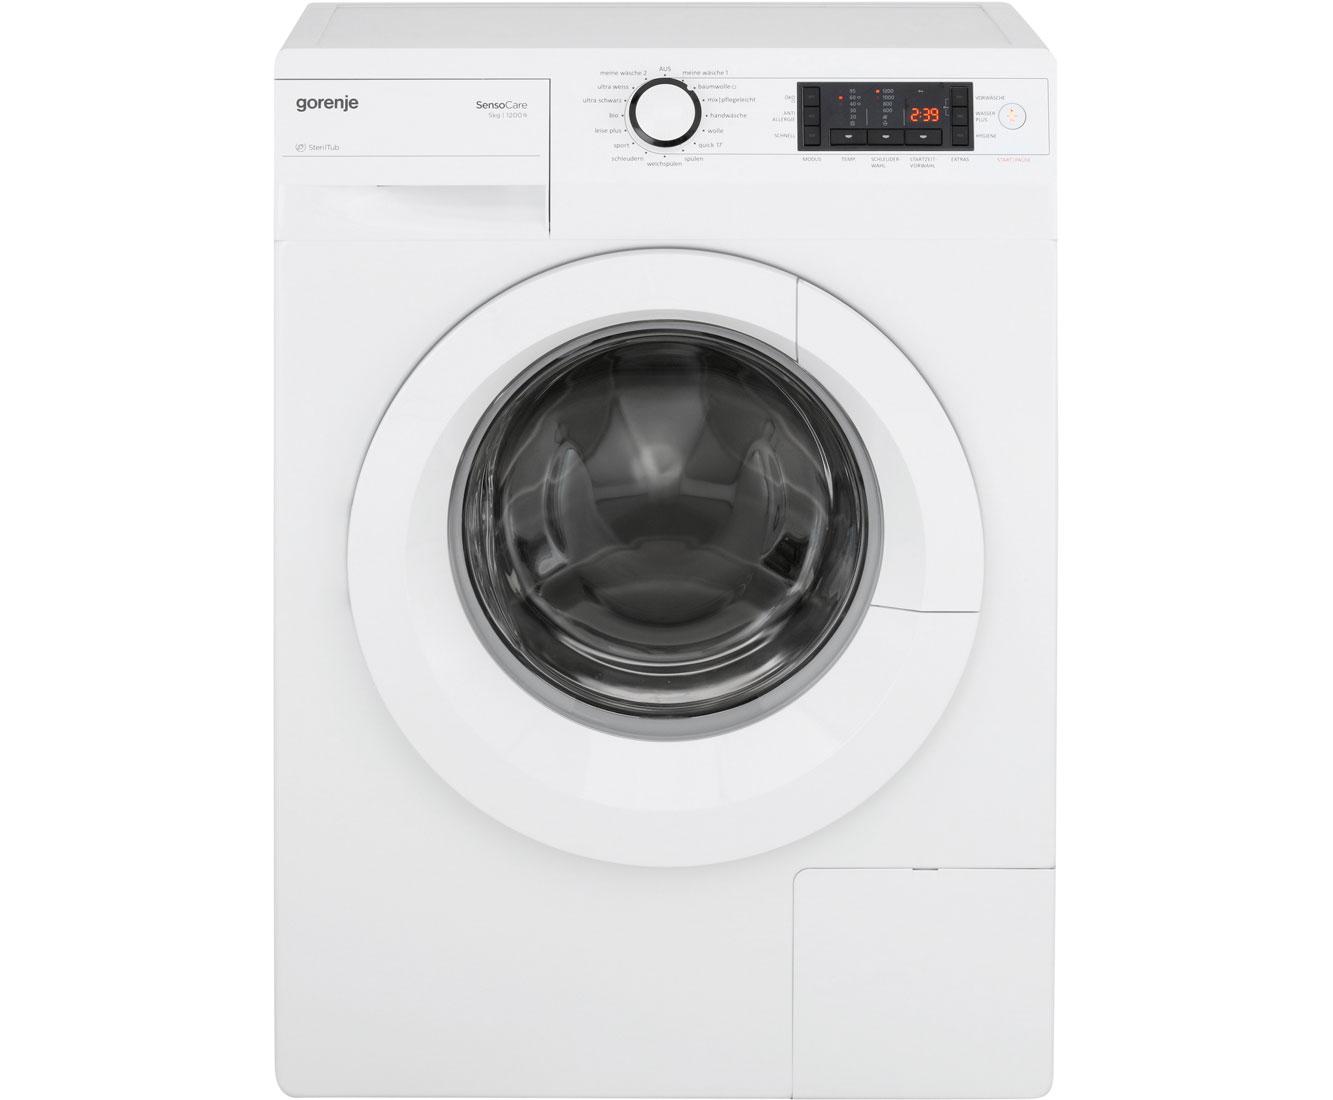 gorenje w 5523 s waschmaschine freistehend weiss neu ebay. Black Bedroom Furniture Sets. Home Design Ideas